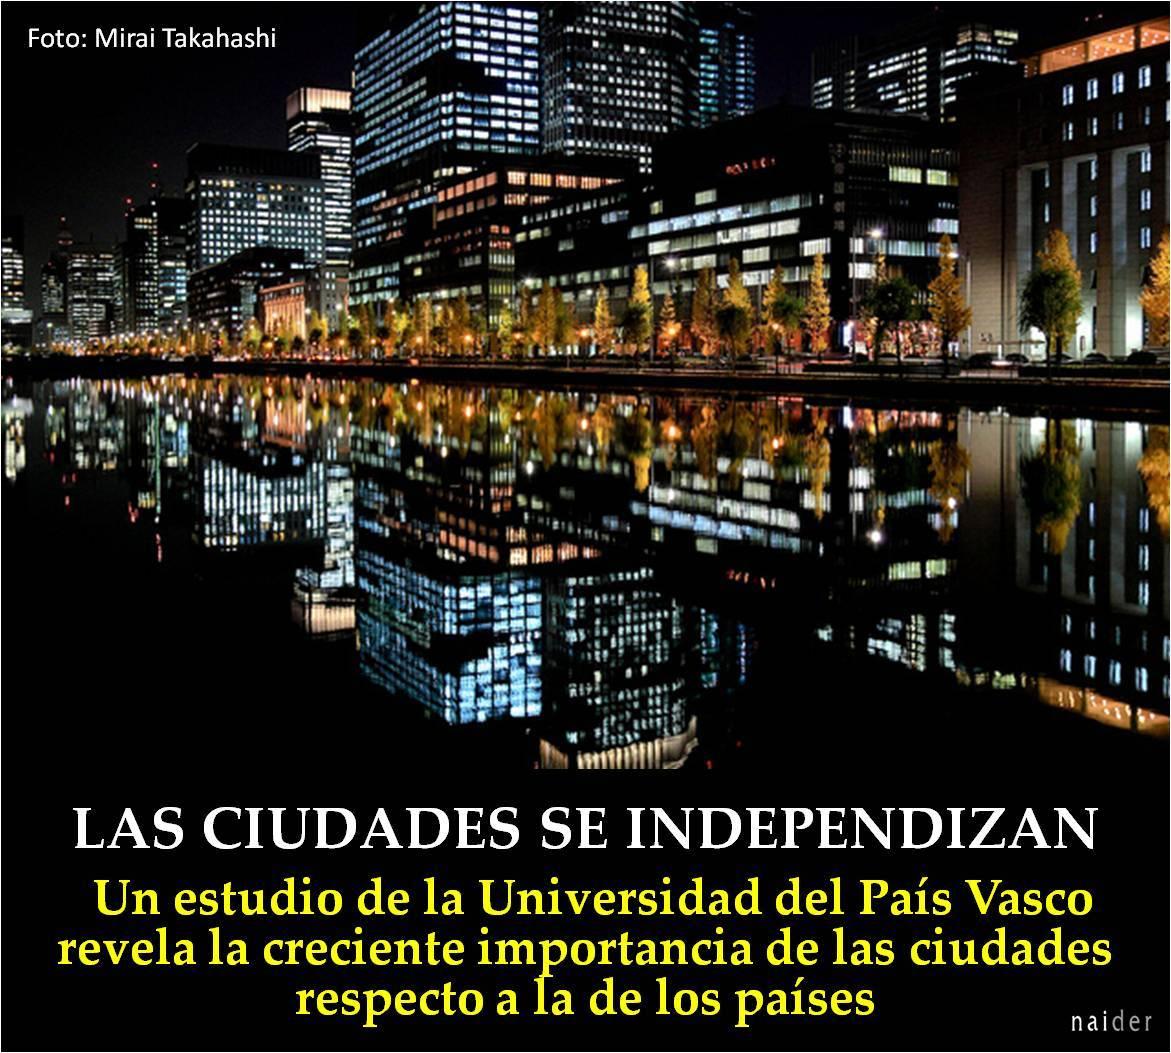 Las ciudades se independizan